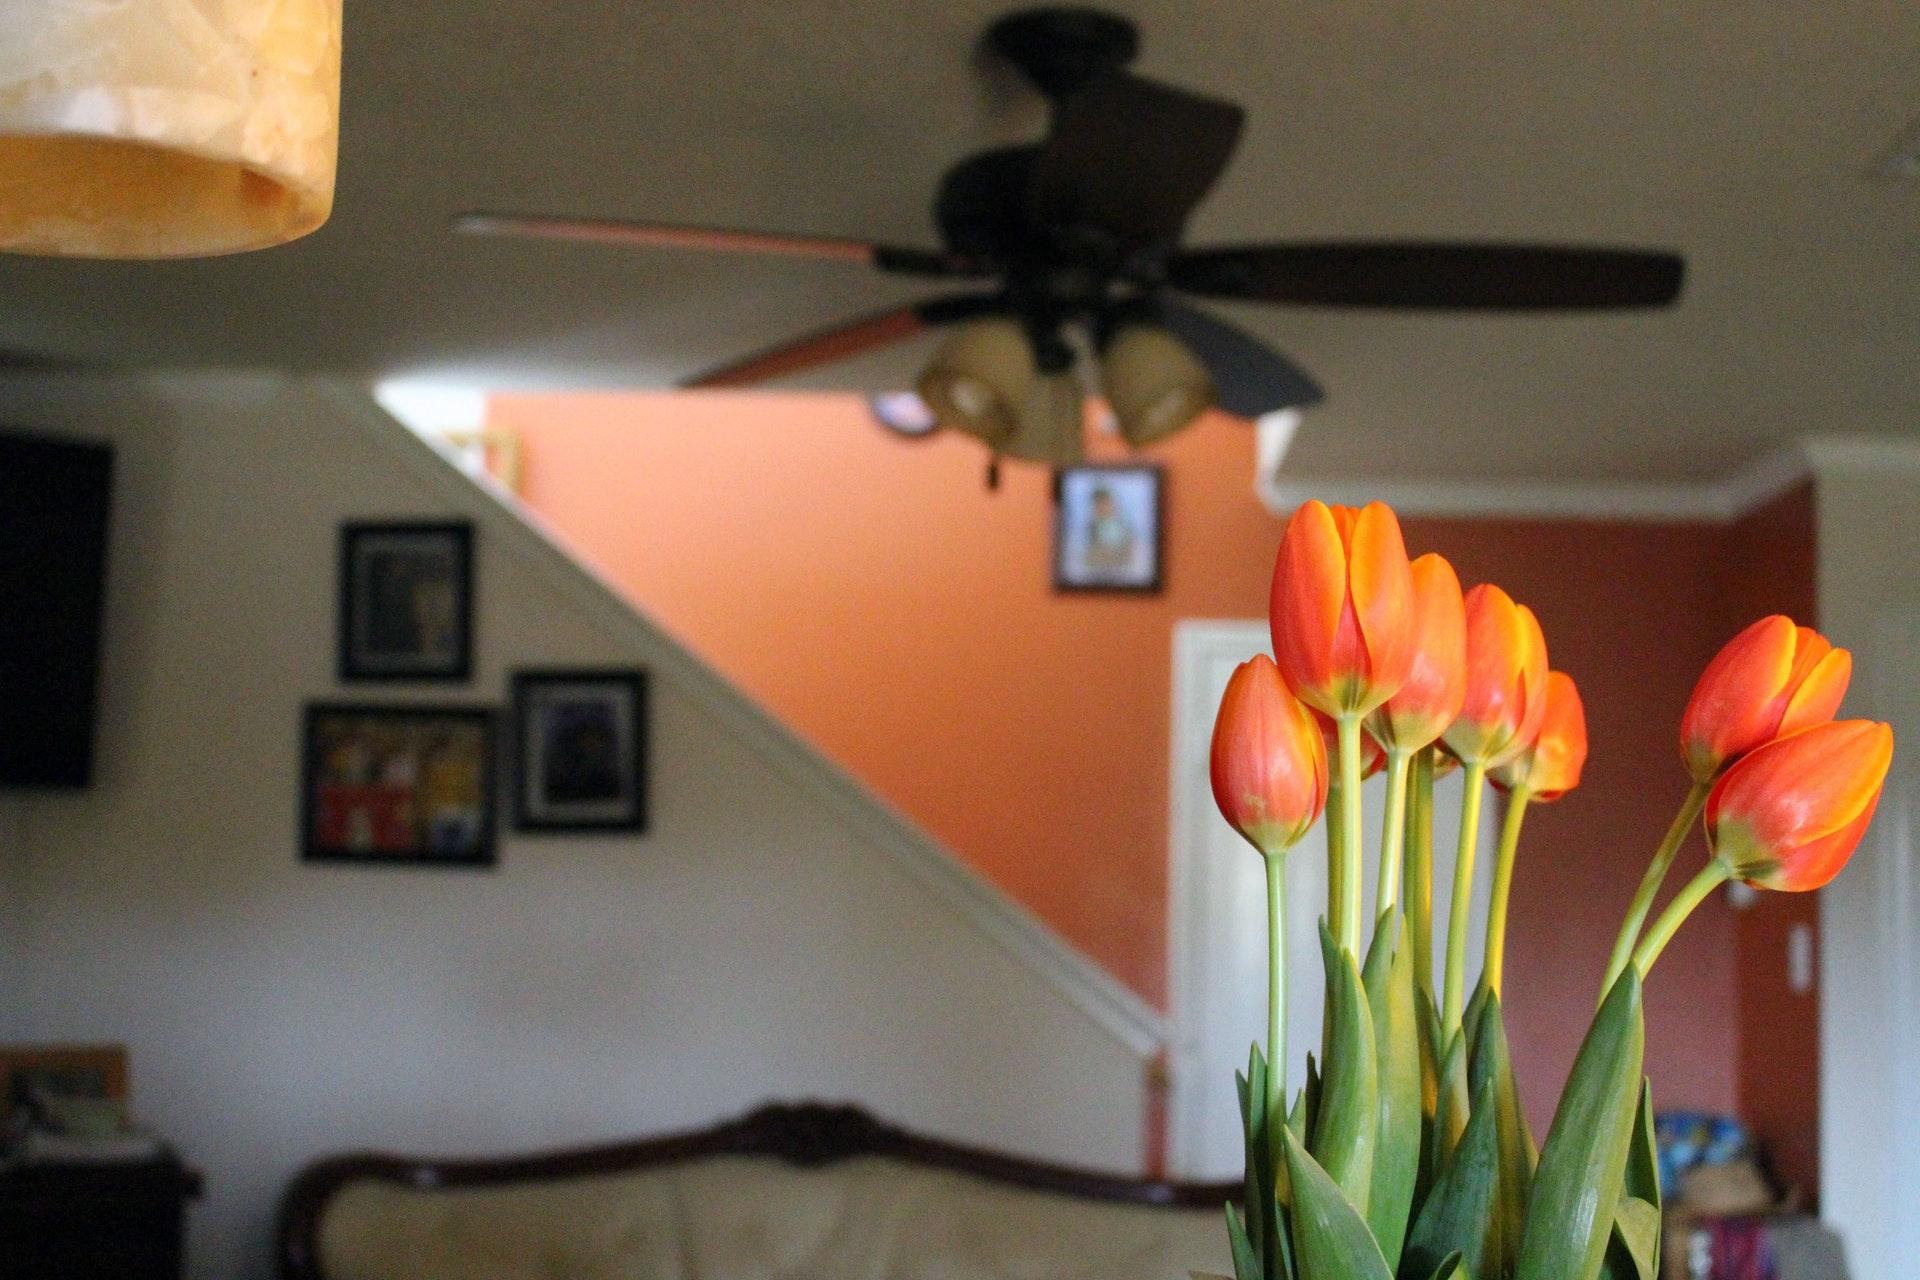 Jednoduché spôsoby, ako si vytvoriť zdravý interiér